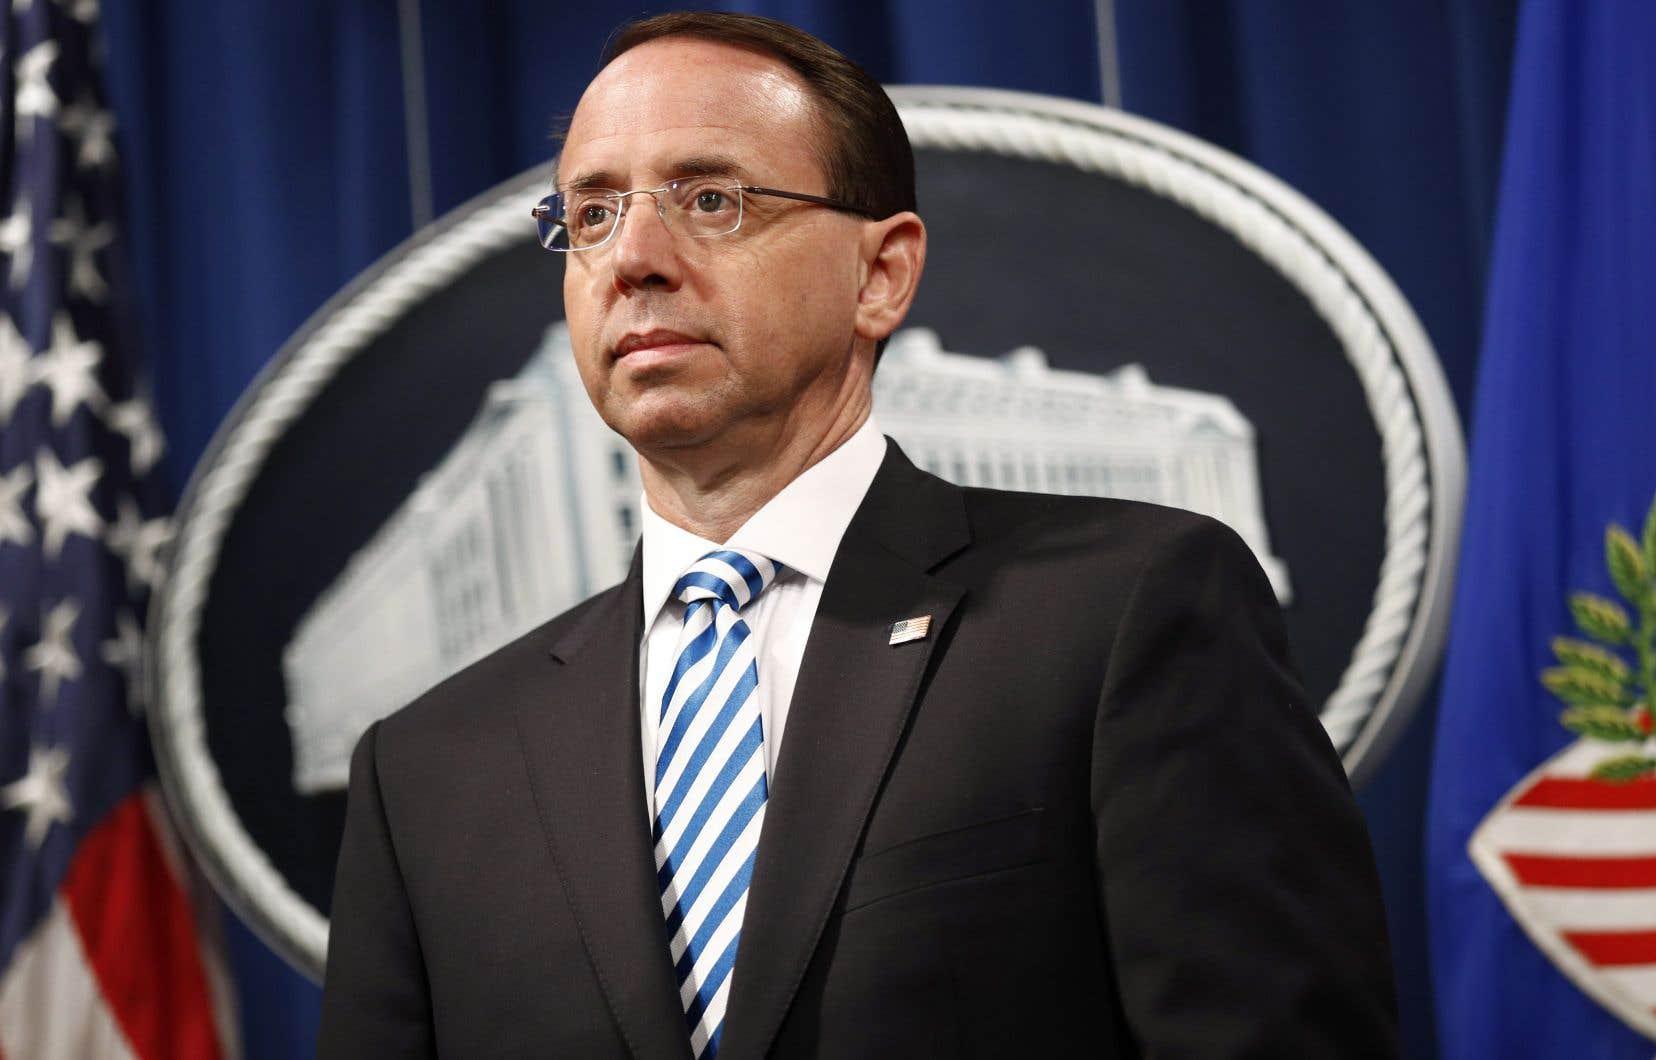 Le numéro deux du département américain de la Justice, Rod Rosenstein, a annoncé sa démission lundi.